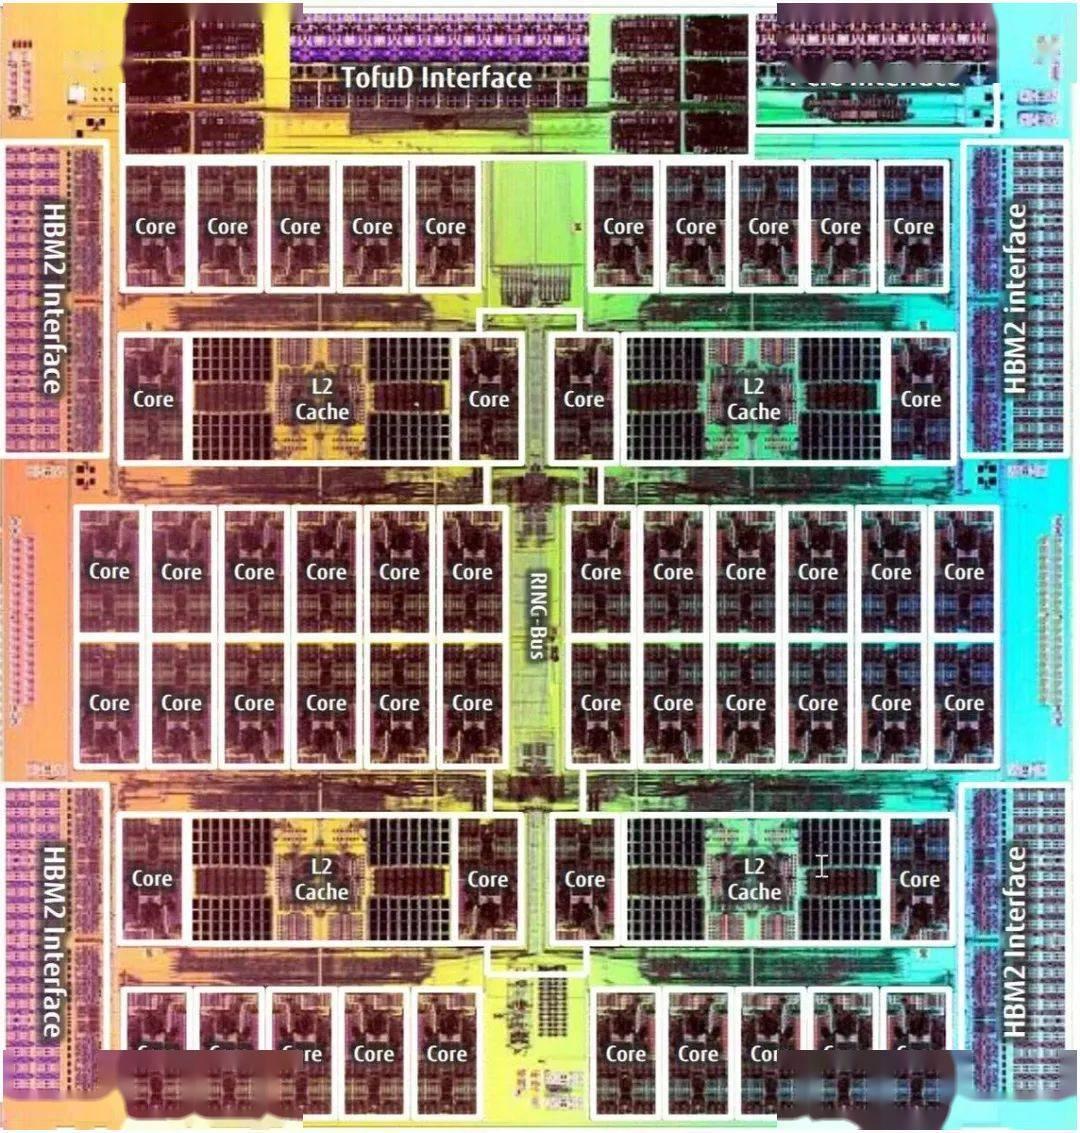 解析苹果M1:ARM PC的未来影响有多大?